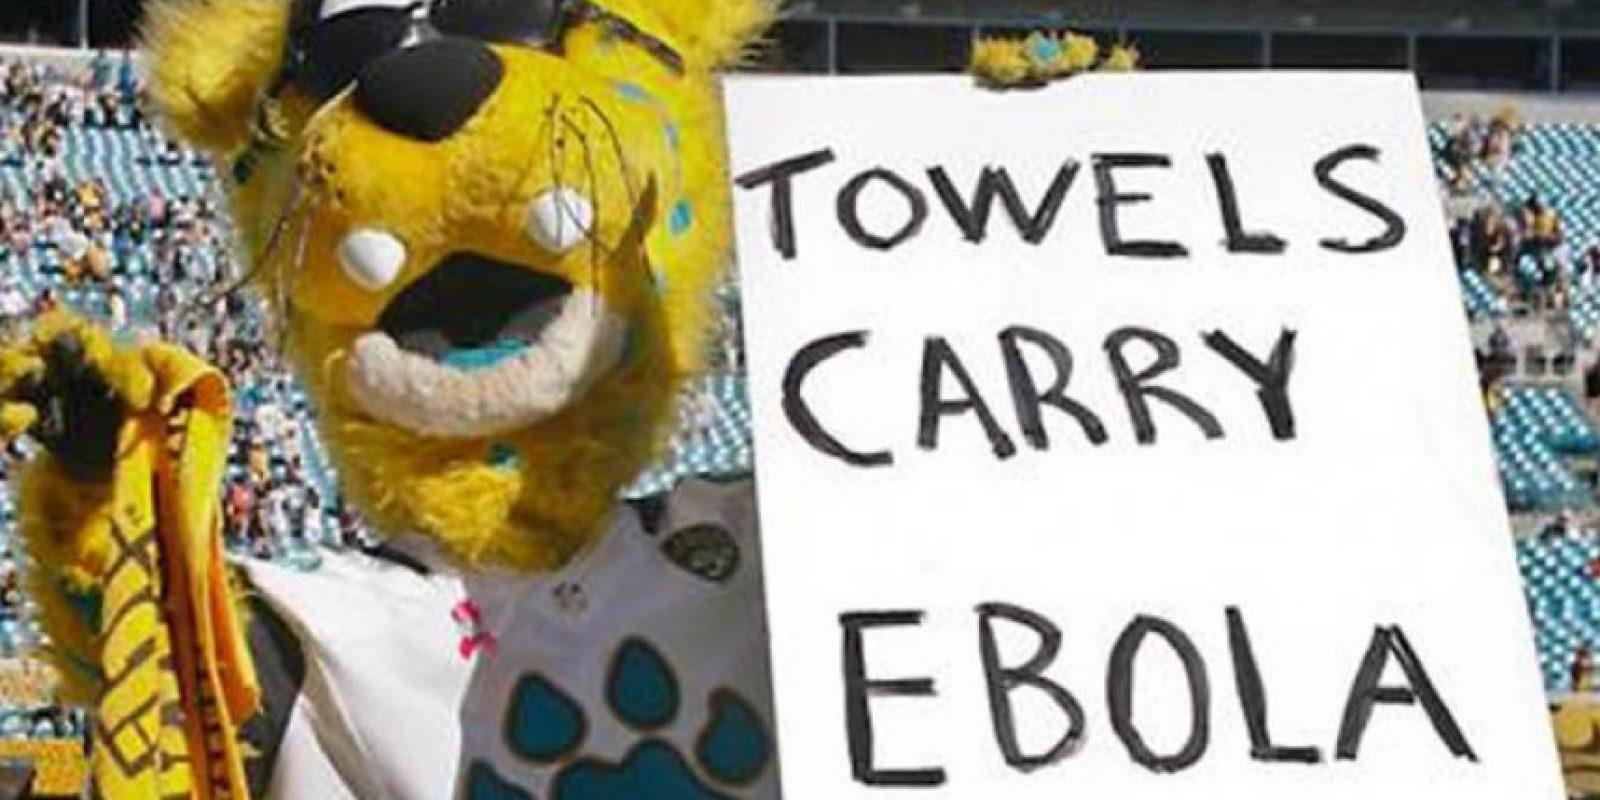 """La mascota de los Jacksonville Jaguars del fútbol americano fue suspendida después de asegurar que las toallas de otro equipo """"llevan ébola"""" en 2014. Foto:Tomada de sportstalk.co.uk"""